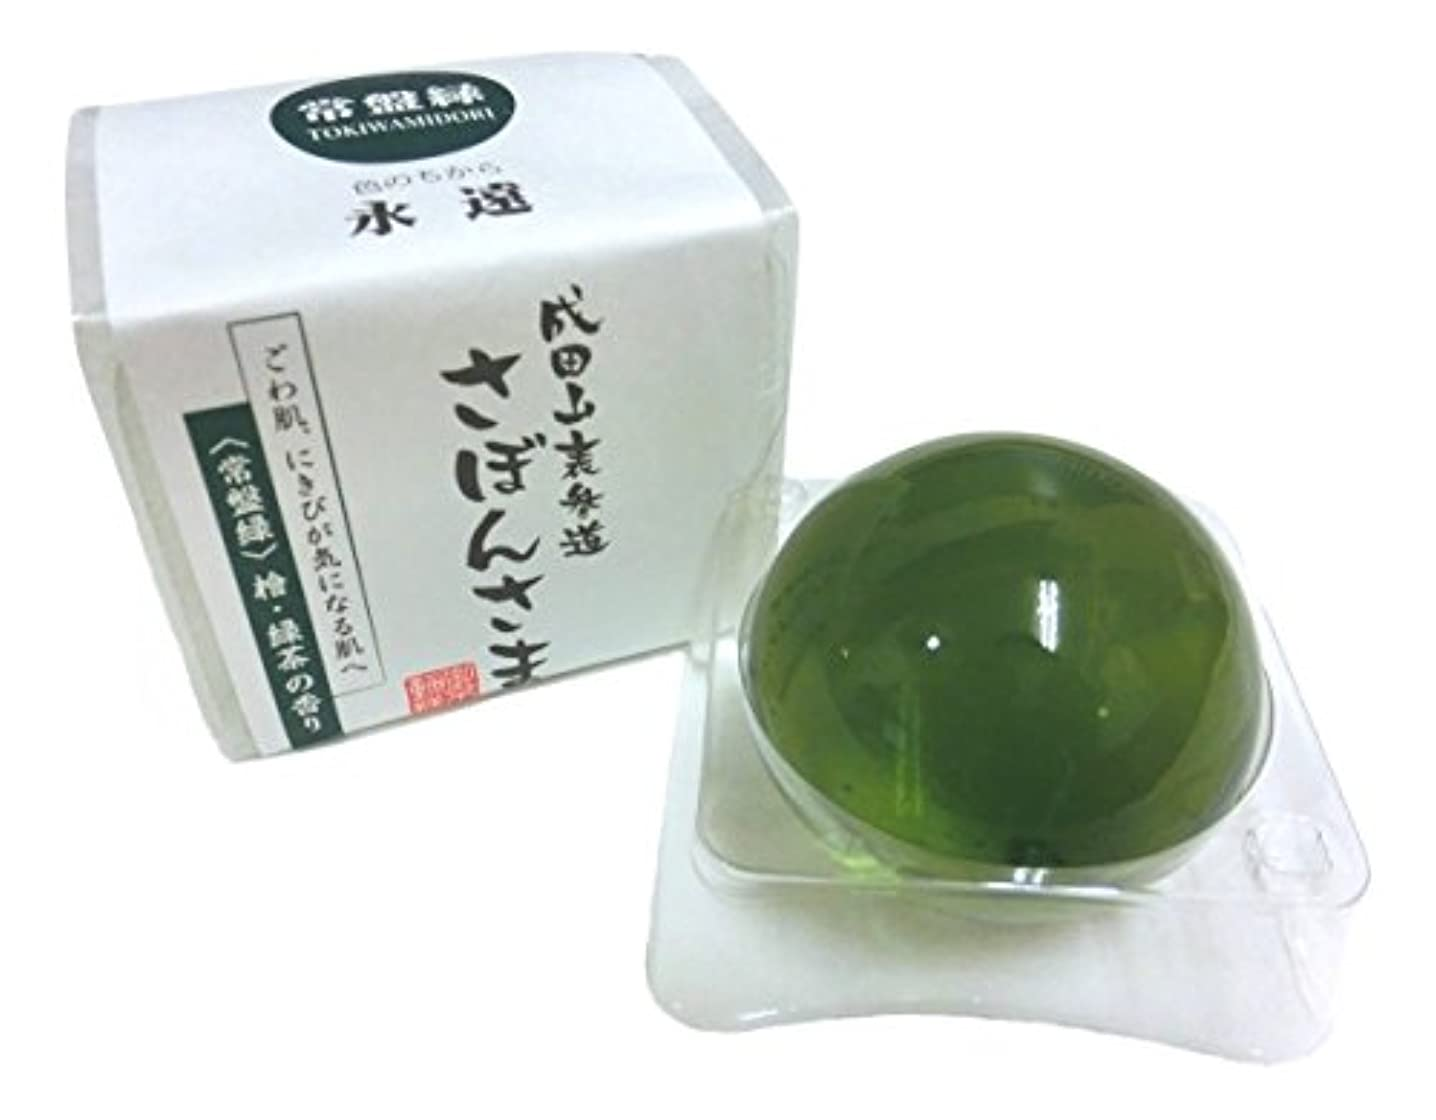 成功主要なポゴスティックジャンプ成田山表参道 さぼんさま〈常盤緑〉檜?緑茶の香り 100g